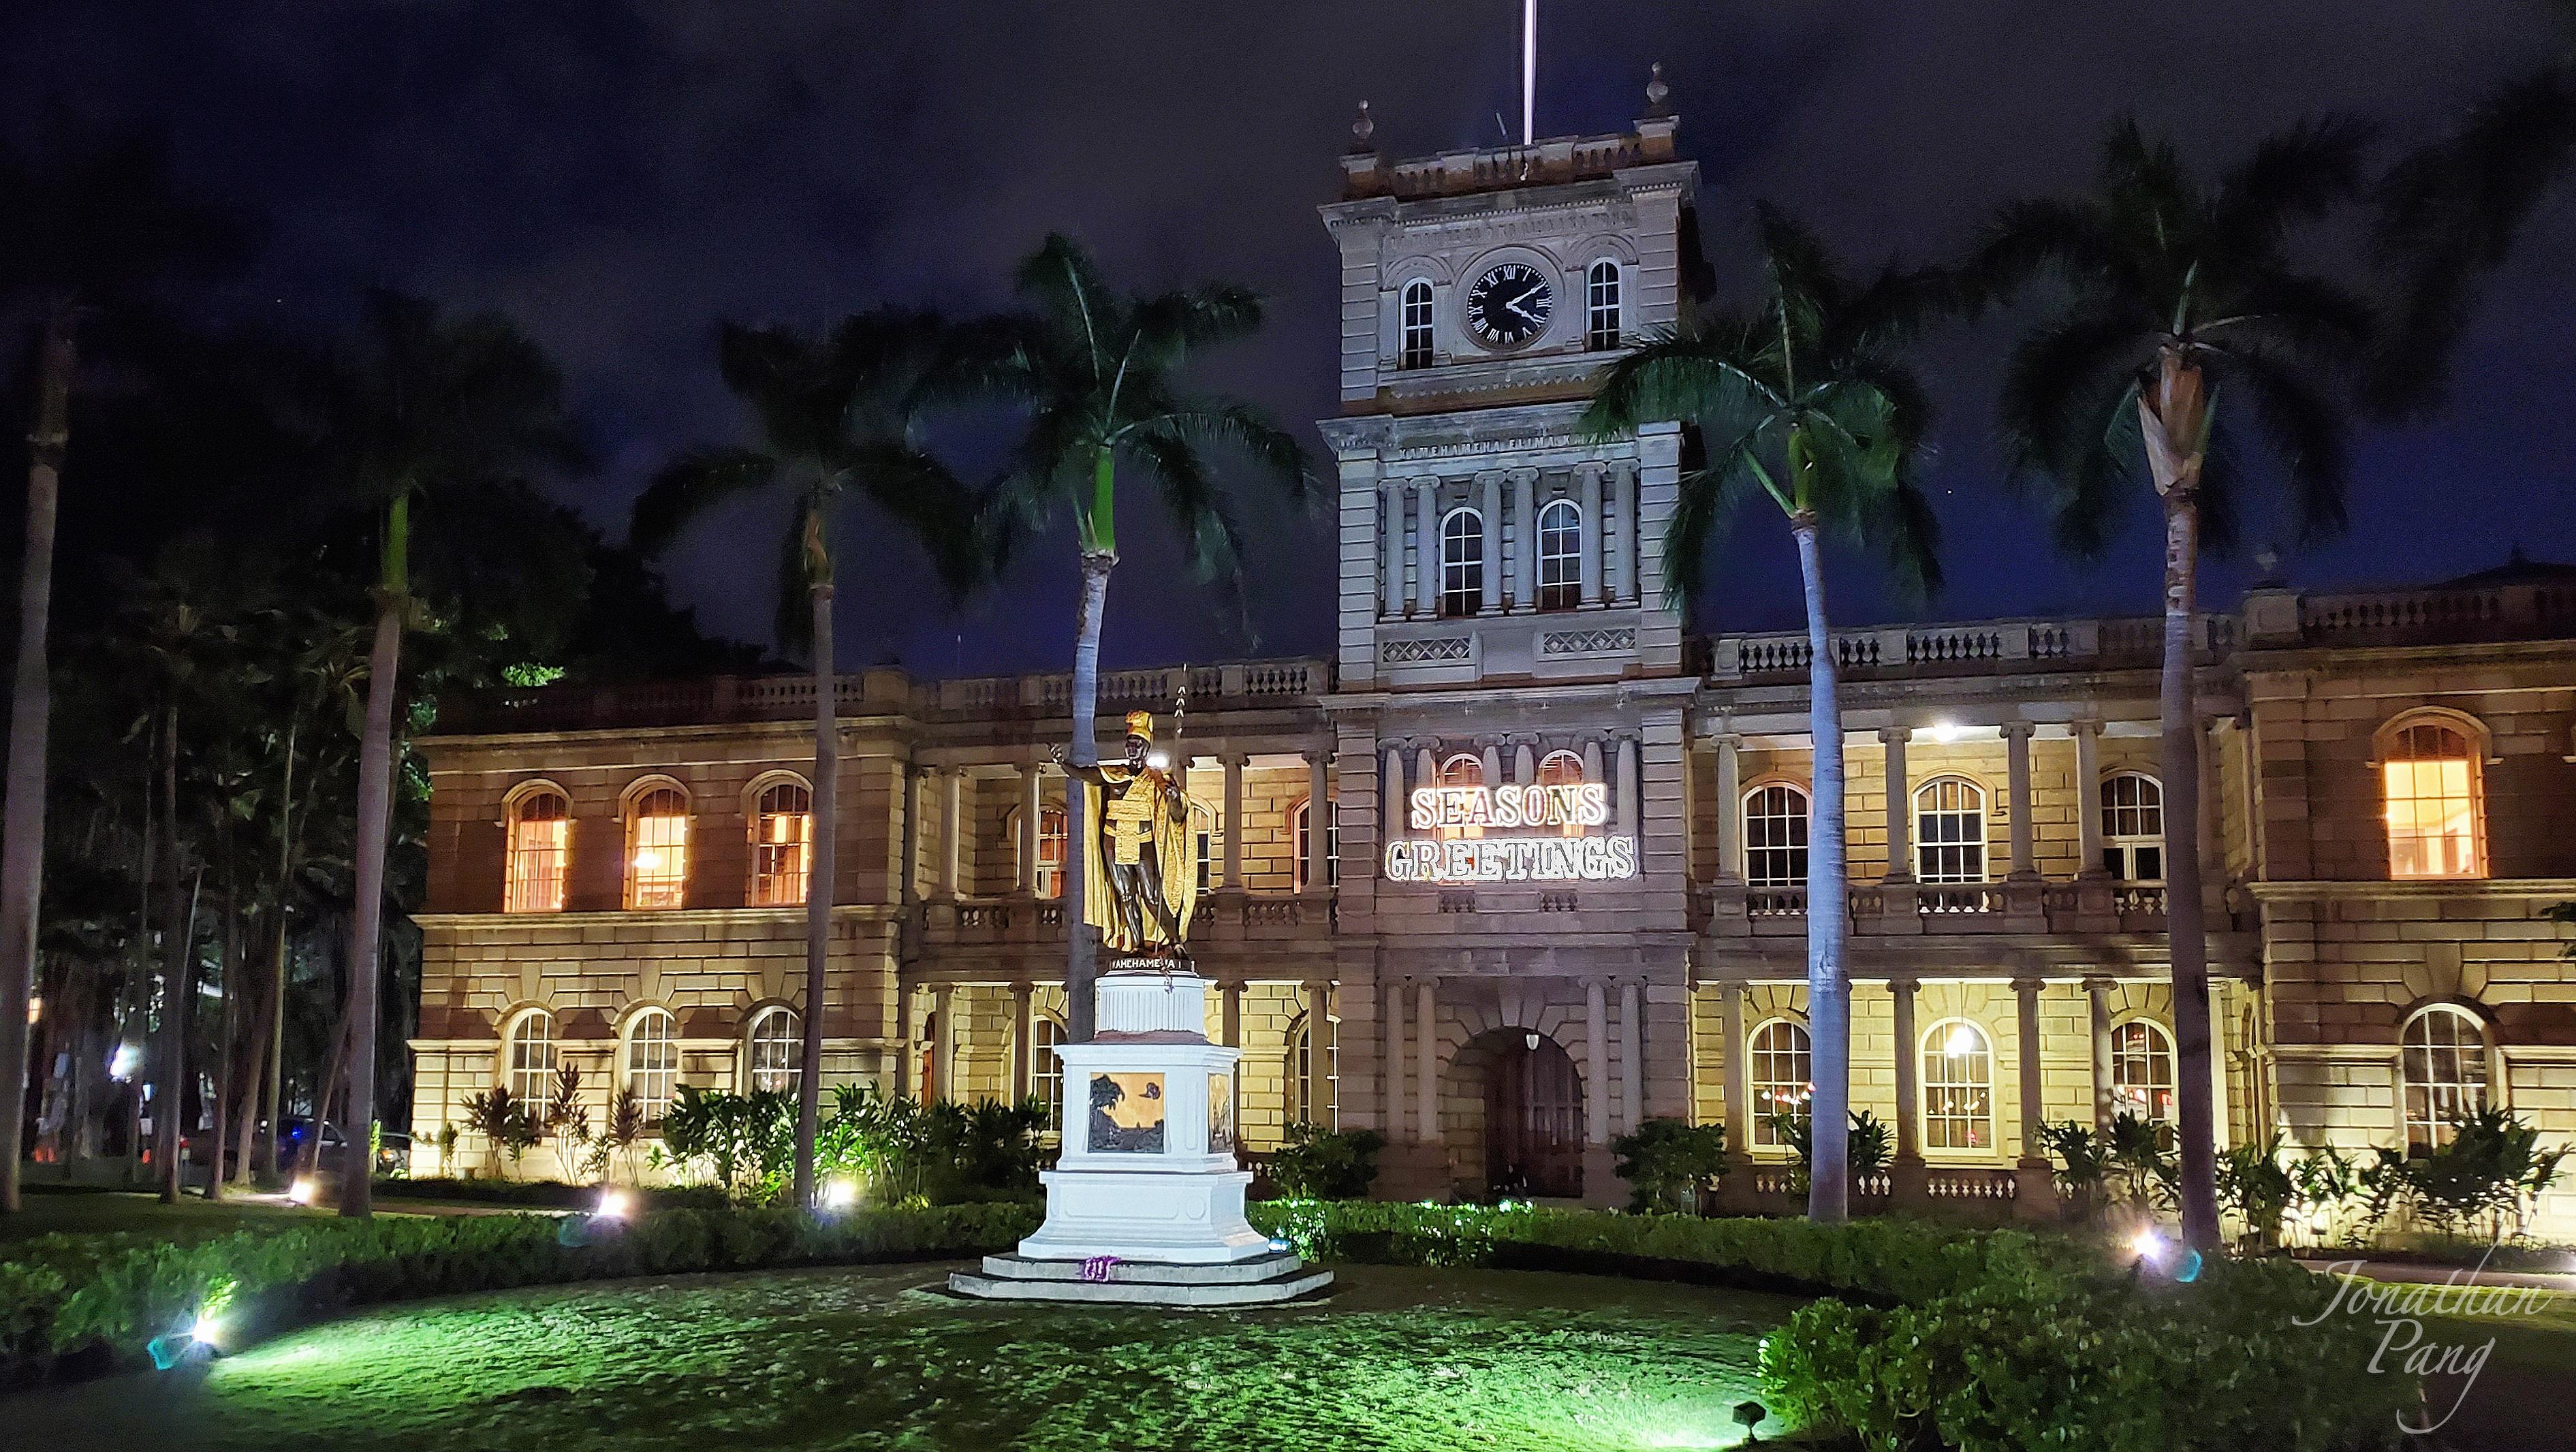 King Kamehameha Seasons Greetings